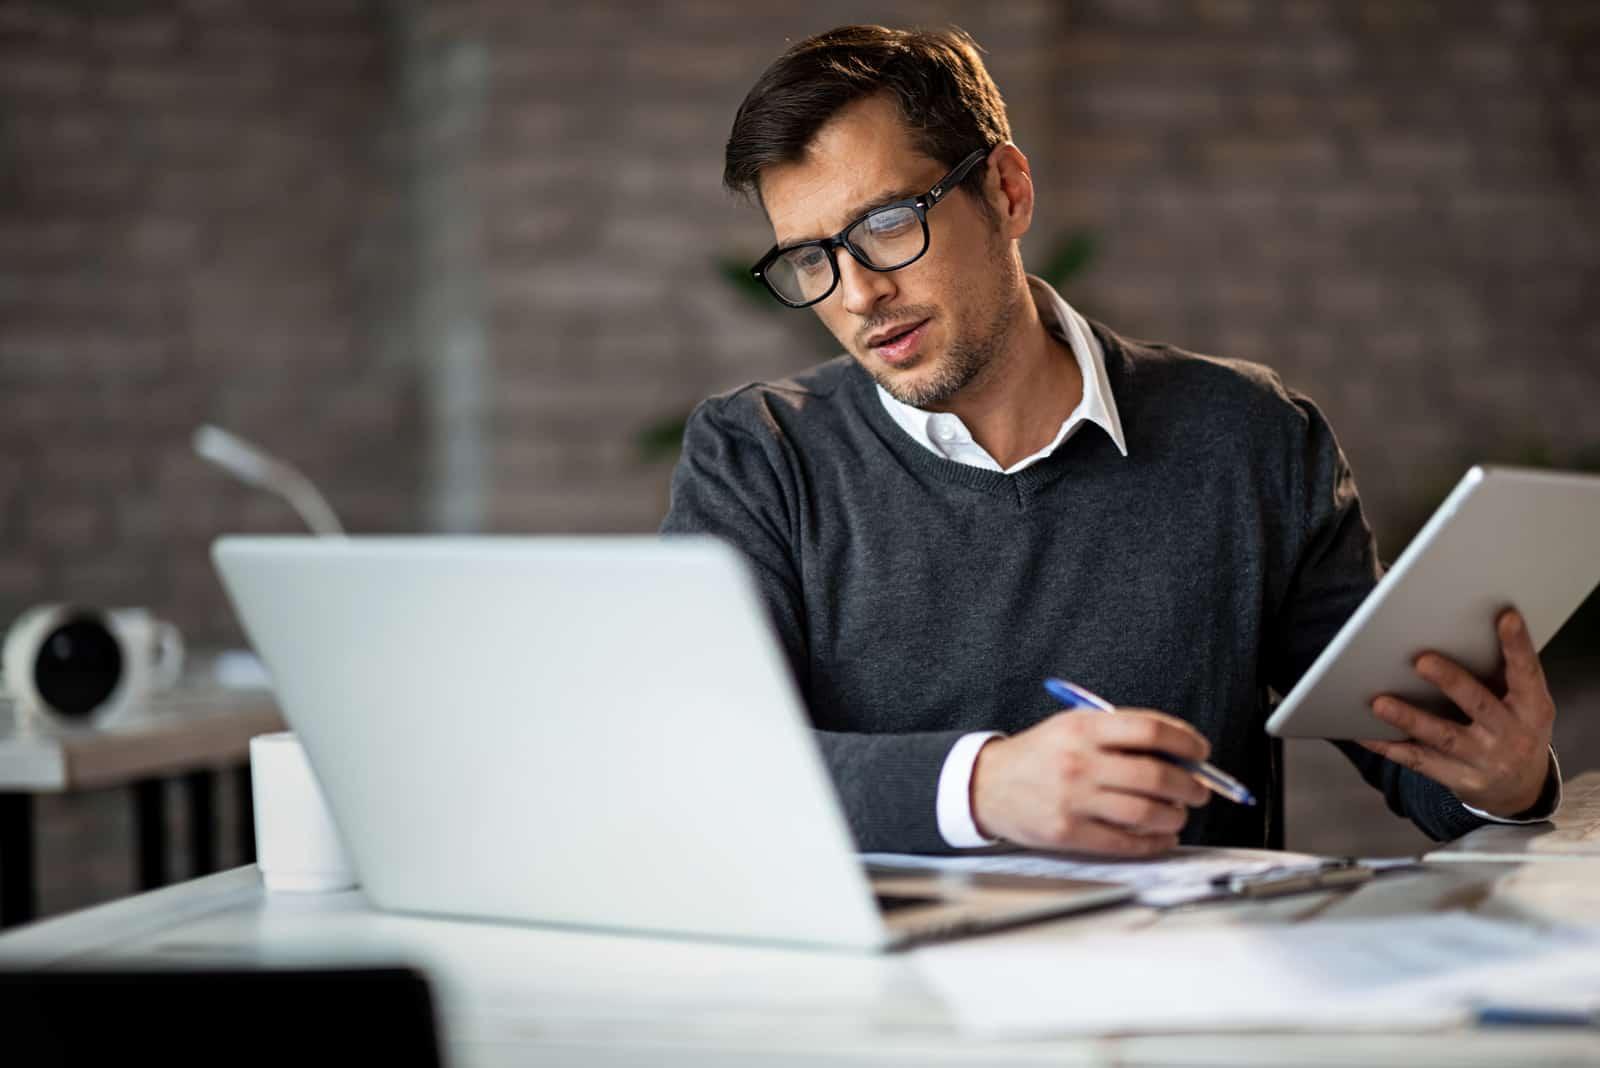 un homme est assis et travaille à une table